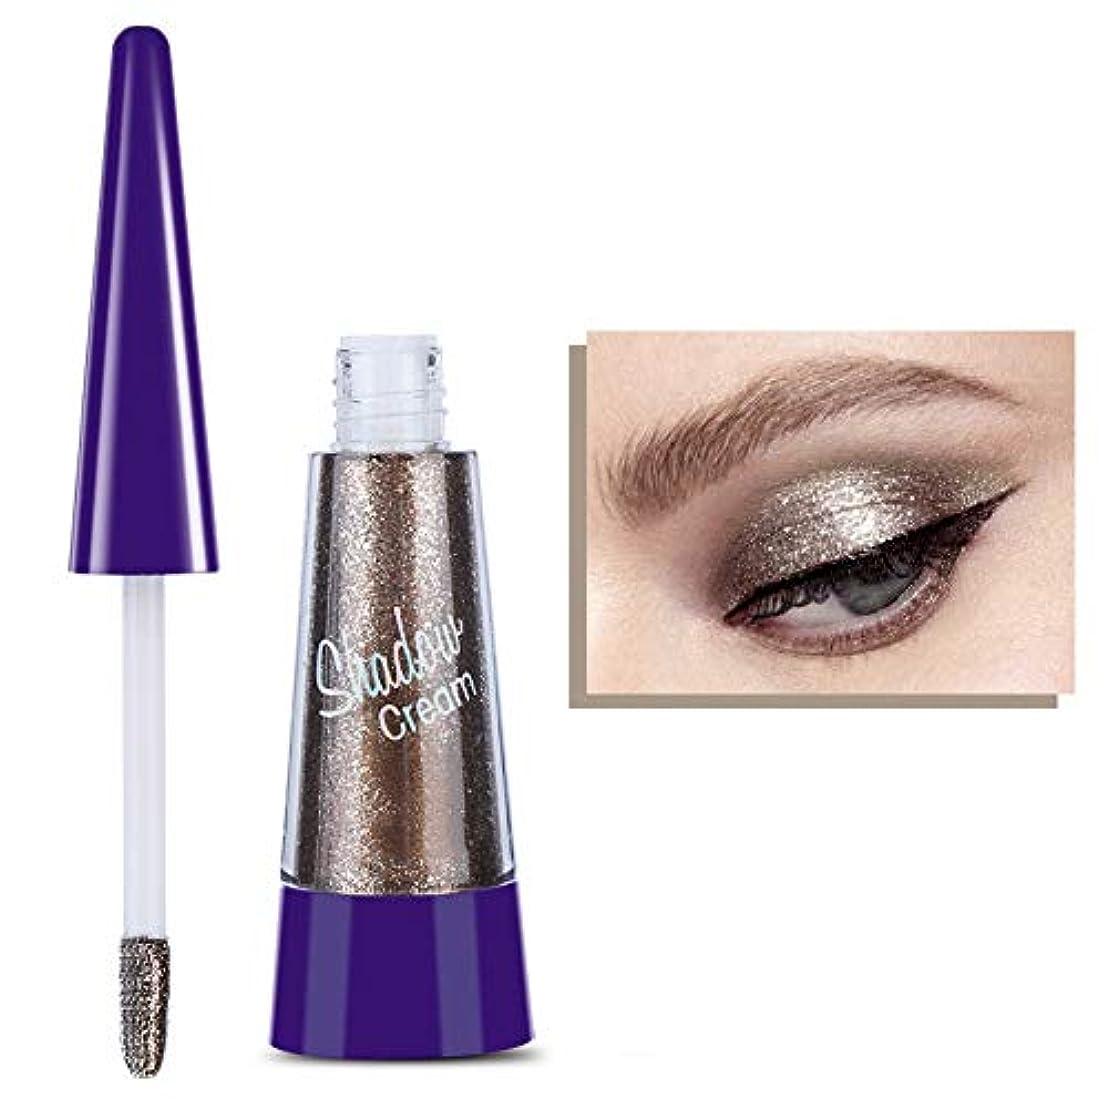 拾う透過性野な液体光沢アイシャドウ、目のための耐久性のある防水化粧品、華やかなアイメイクを作成する、ショッピングや会議やパーティーに適している(02)